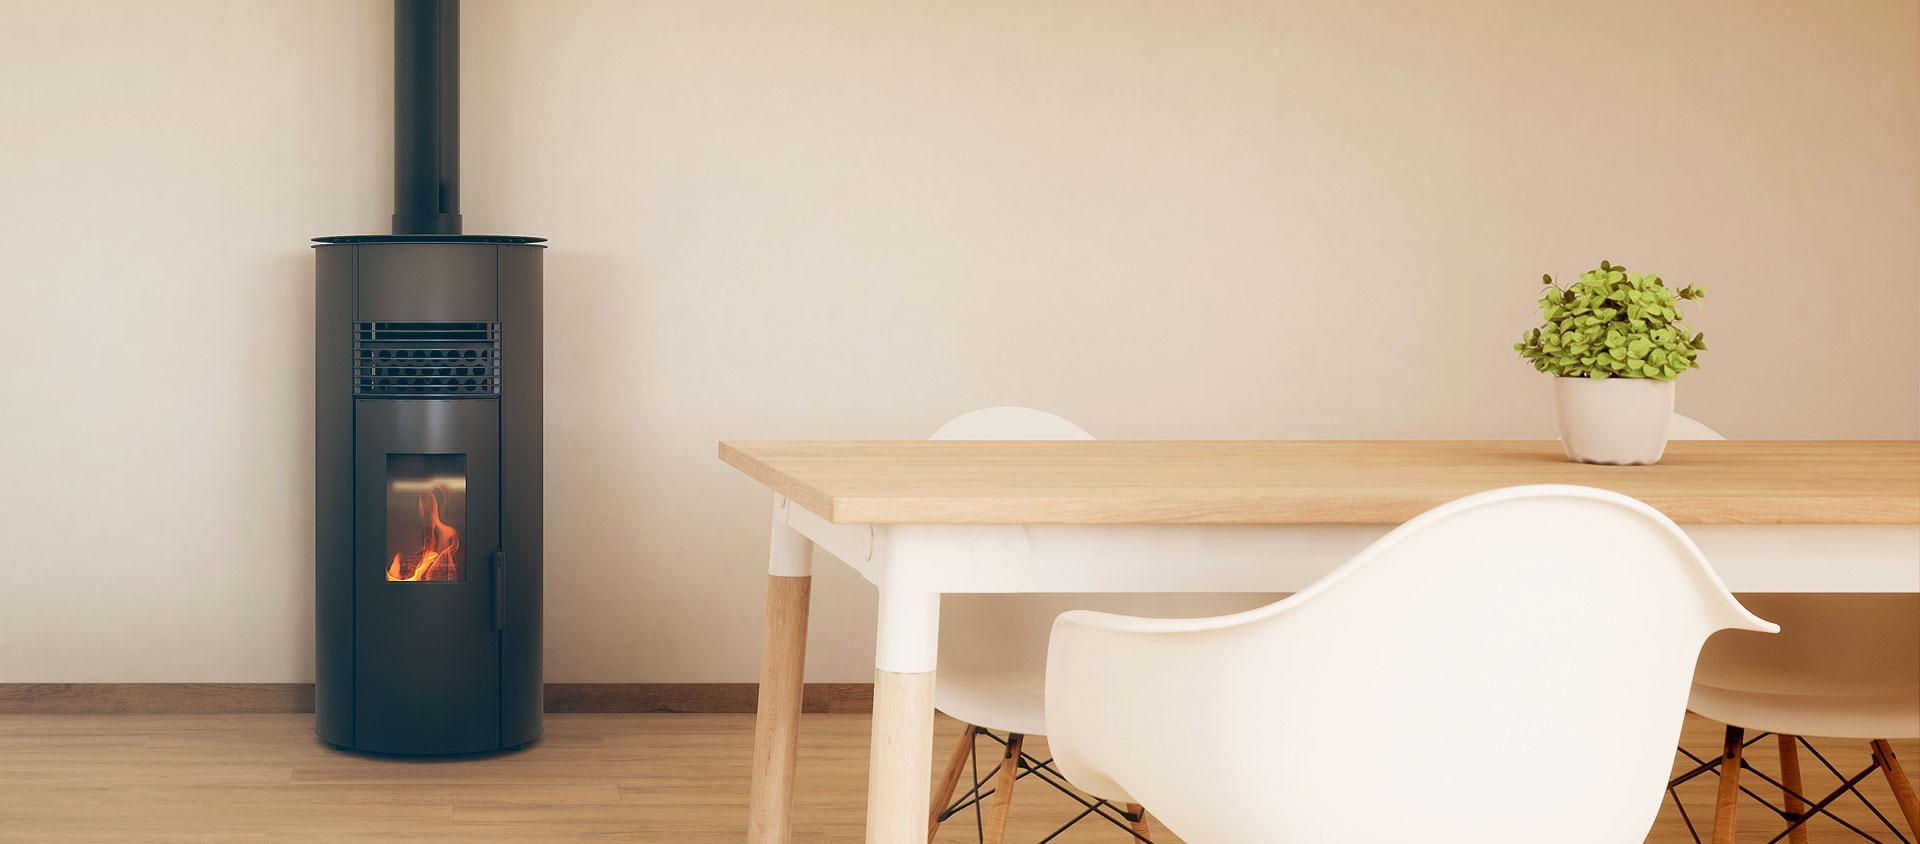 Valorisez votre intérieur avec SABEKO, chauffagiste & installateur poêle à bois